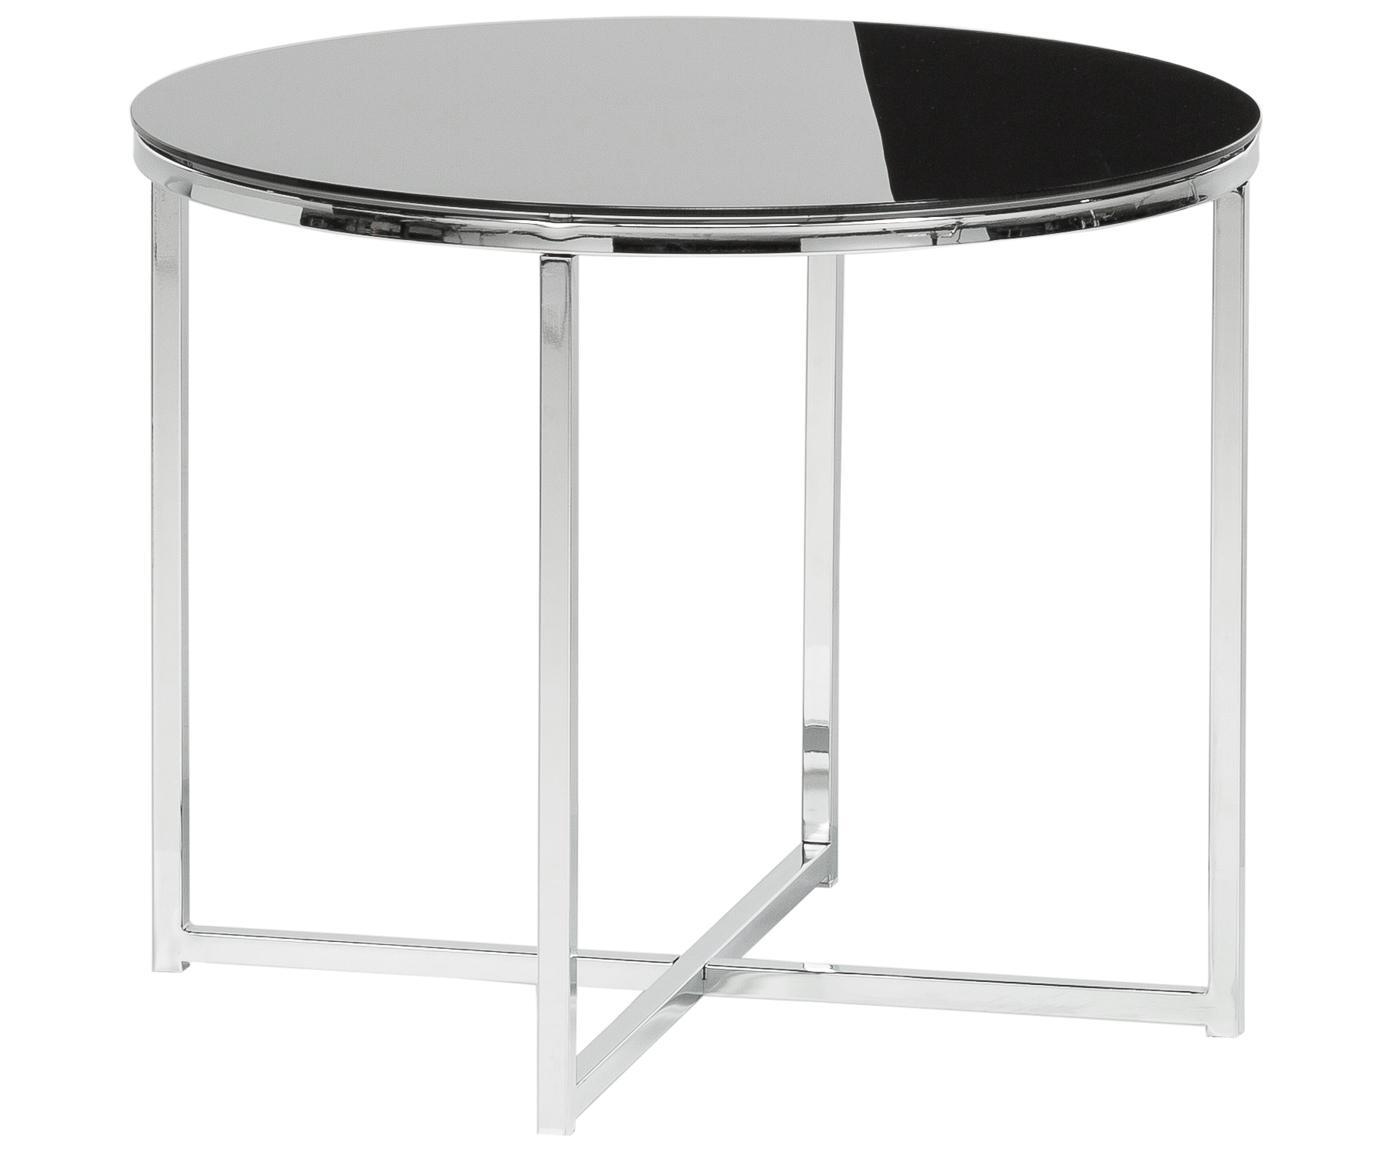 Bijzettafel Cross met zwart glazen tafelblad, Tafelblad: glas, Zwart, verchroomd metaalkleurig, Ø 55 x H 45 cm